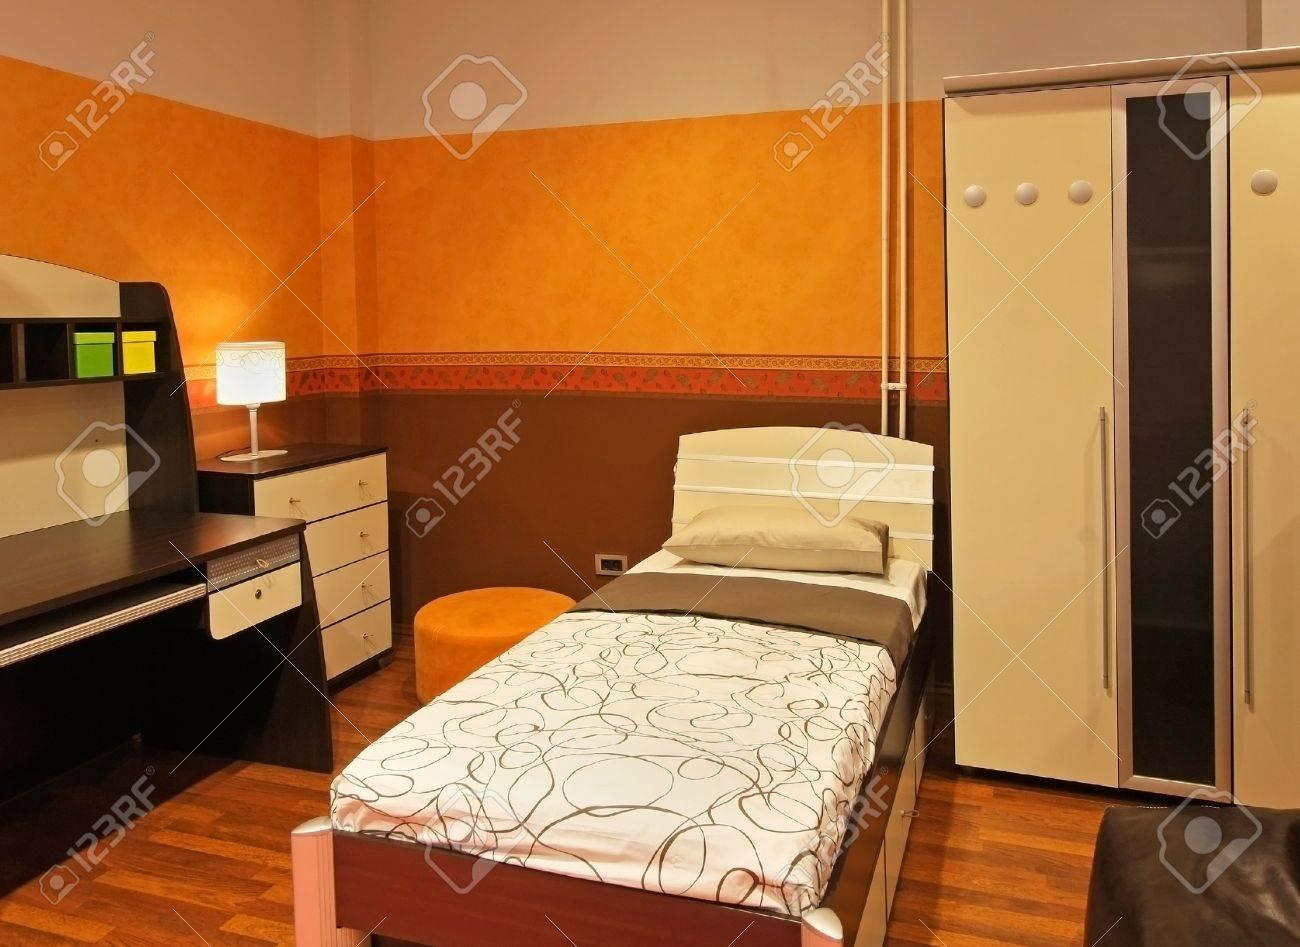 Bon Banque Du0027images   Intérieur De Chambre Du0027enfant Moderne Avec Le Mur Orange  Et Mobilier Marron